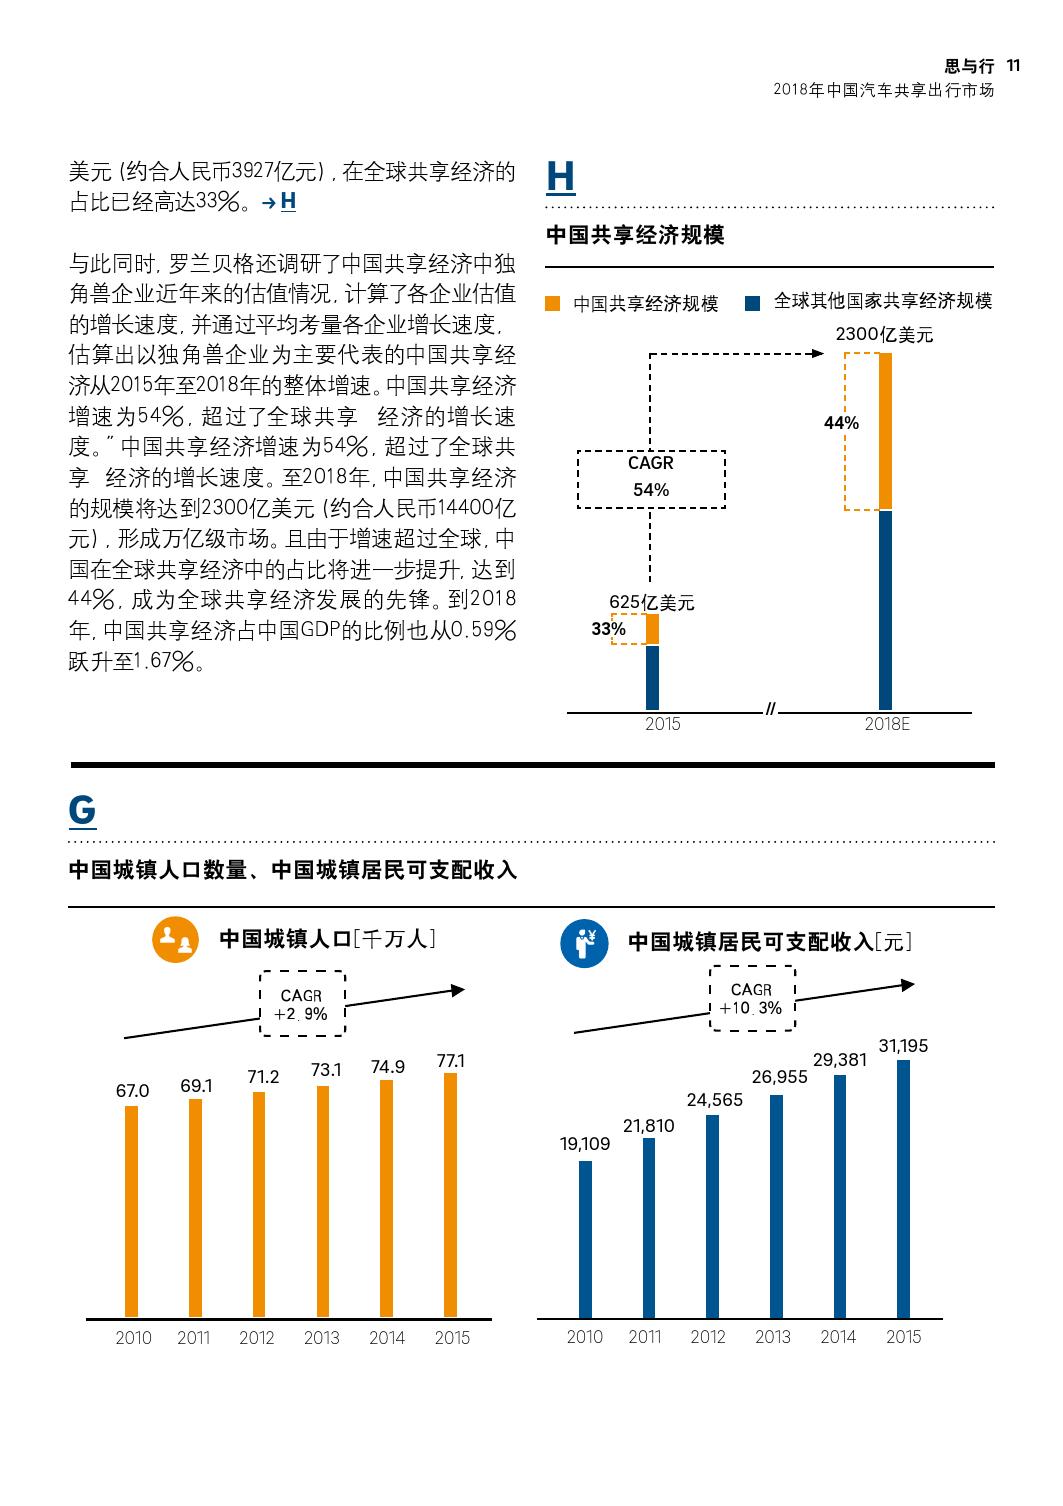 2018年中国汽车共享出行市场分析预测报告_000011